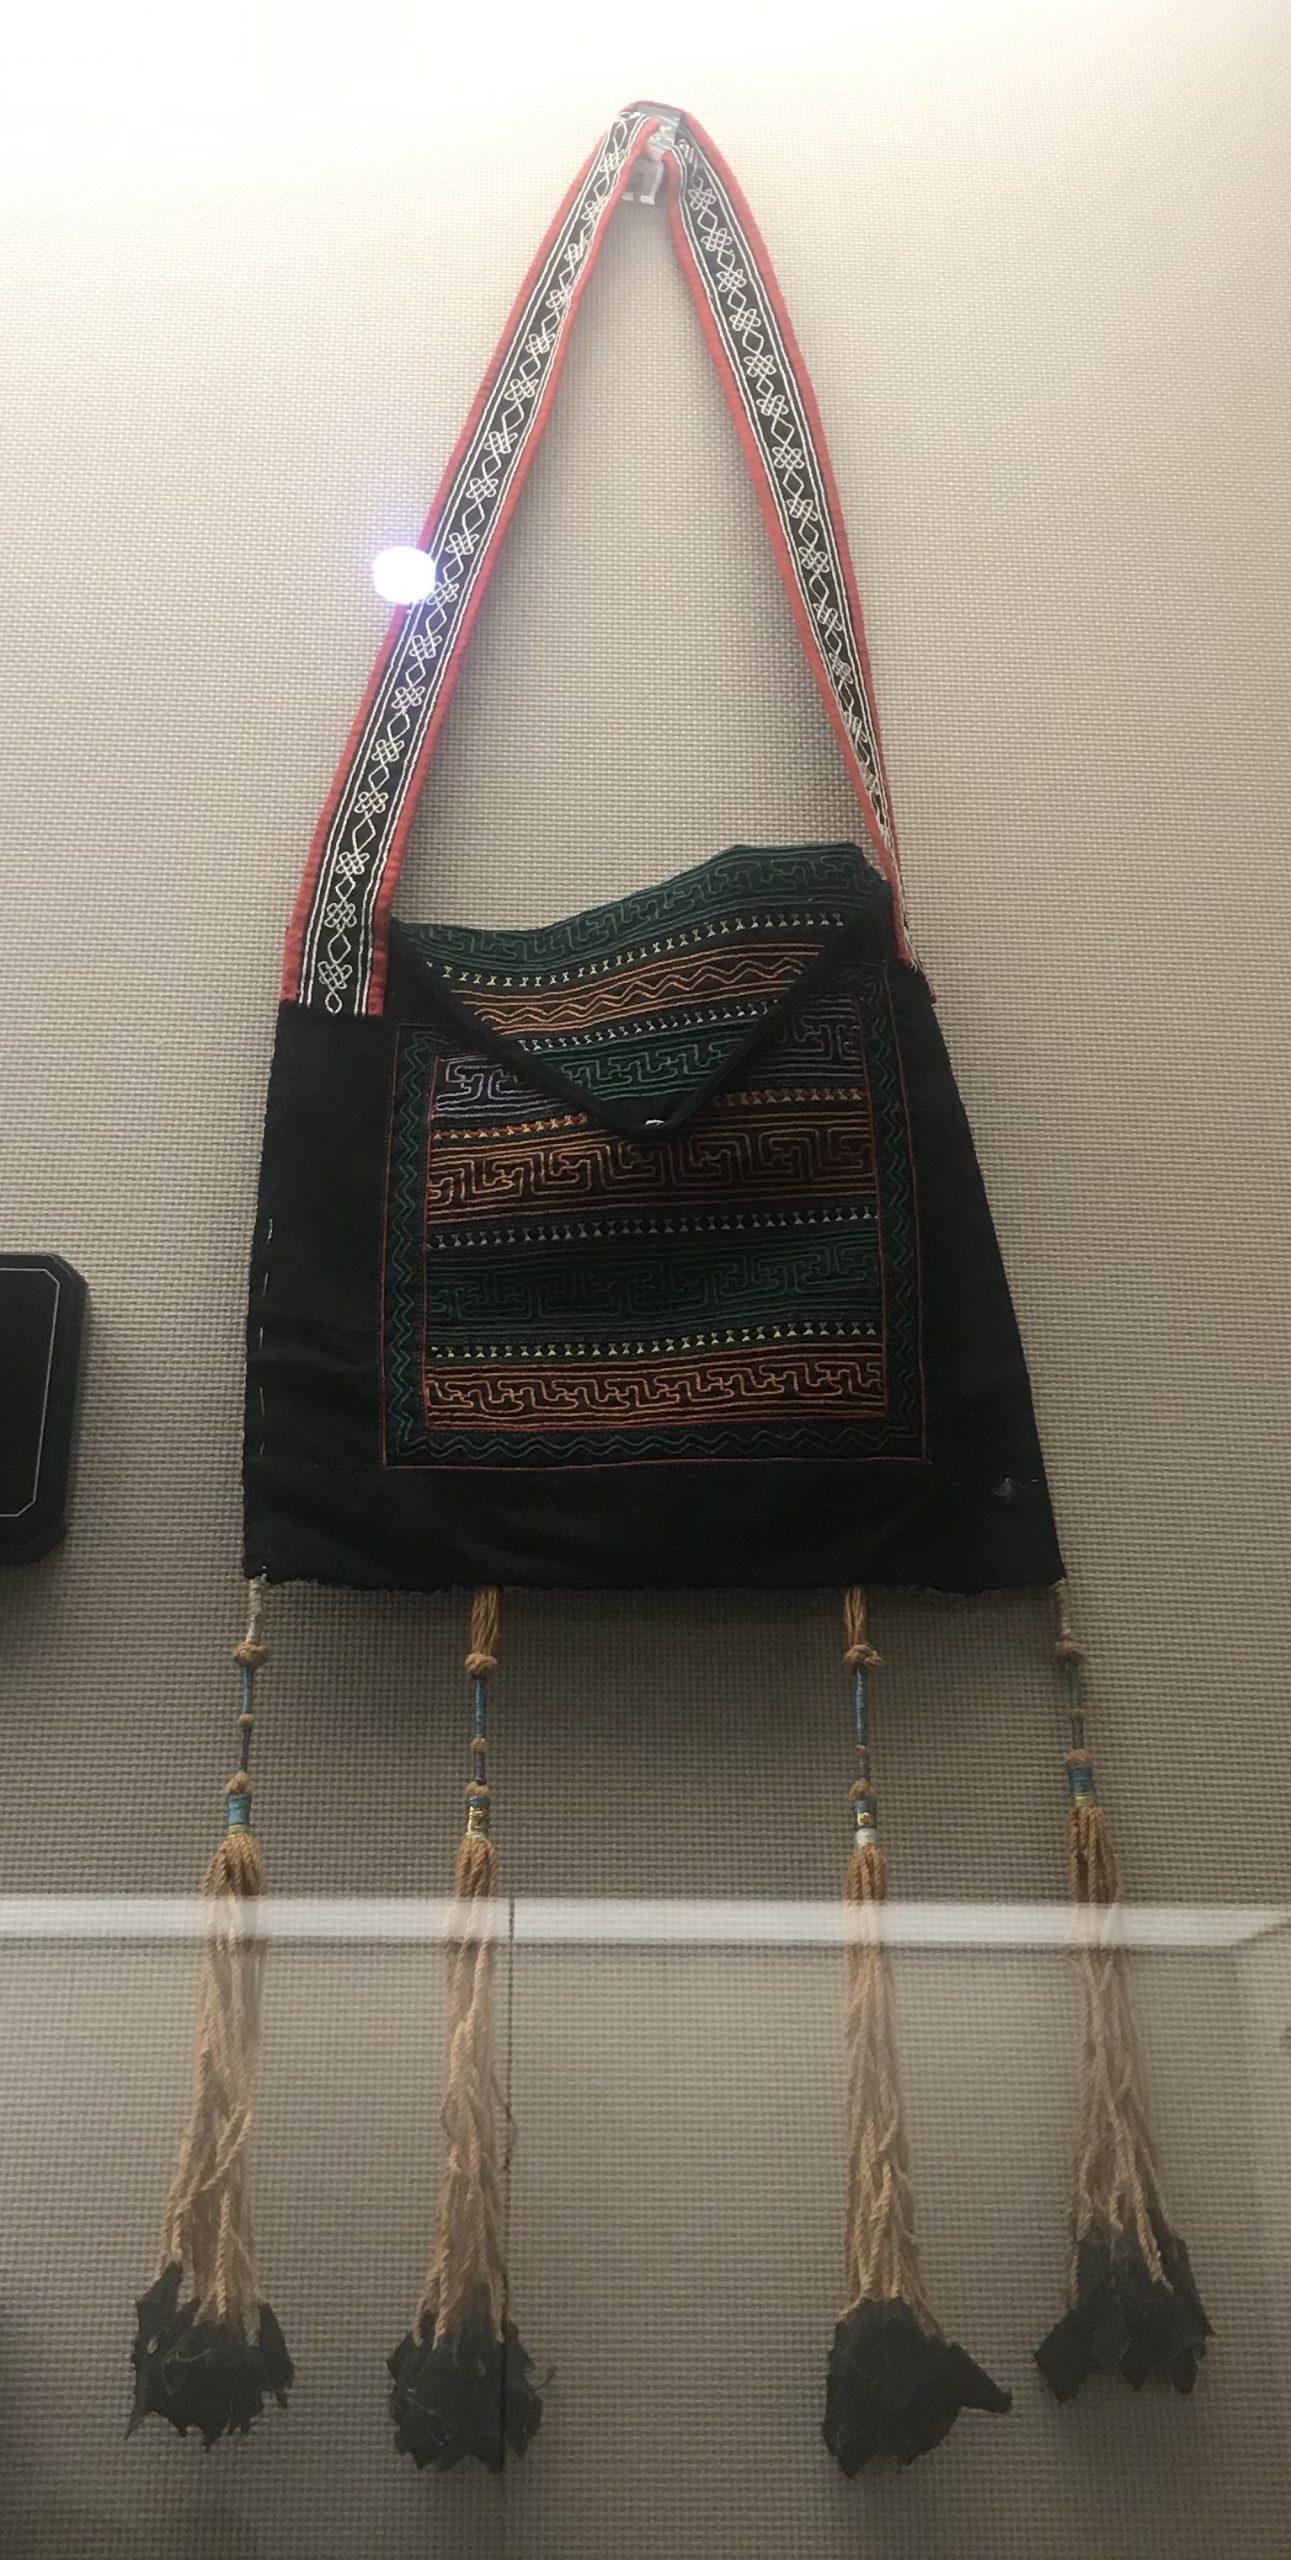 男式挑紮花鞄-彜族衣装-四川民族文物館-四川博物館-成都